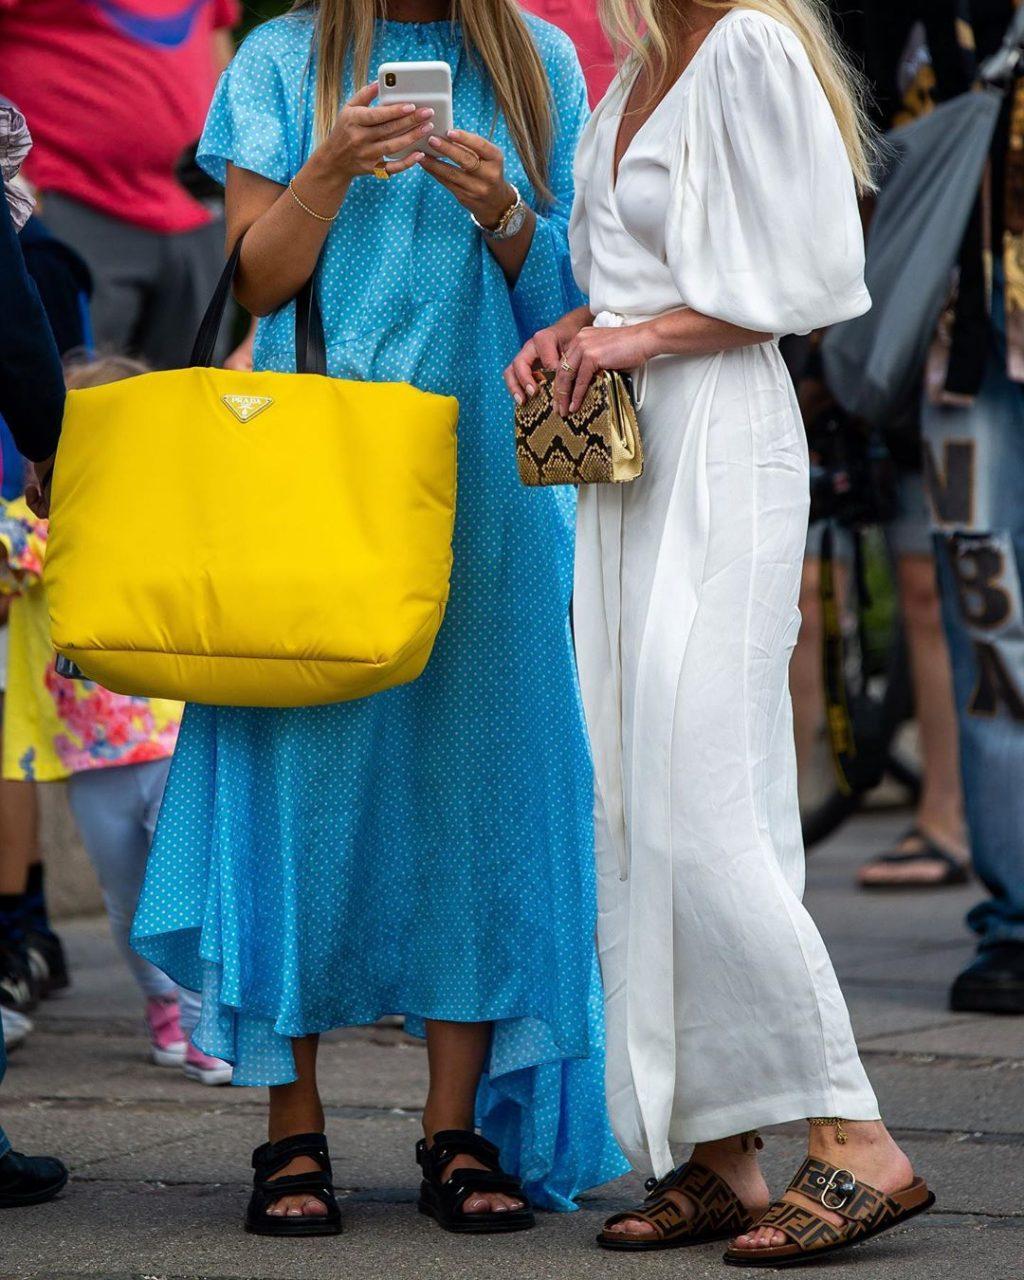 Fashionista mặc váy xanh chấm bi và váy trắng đi giày sandals